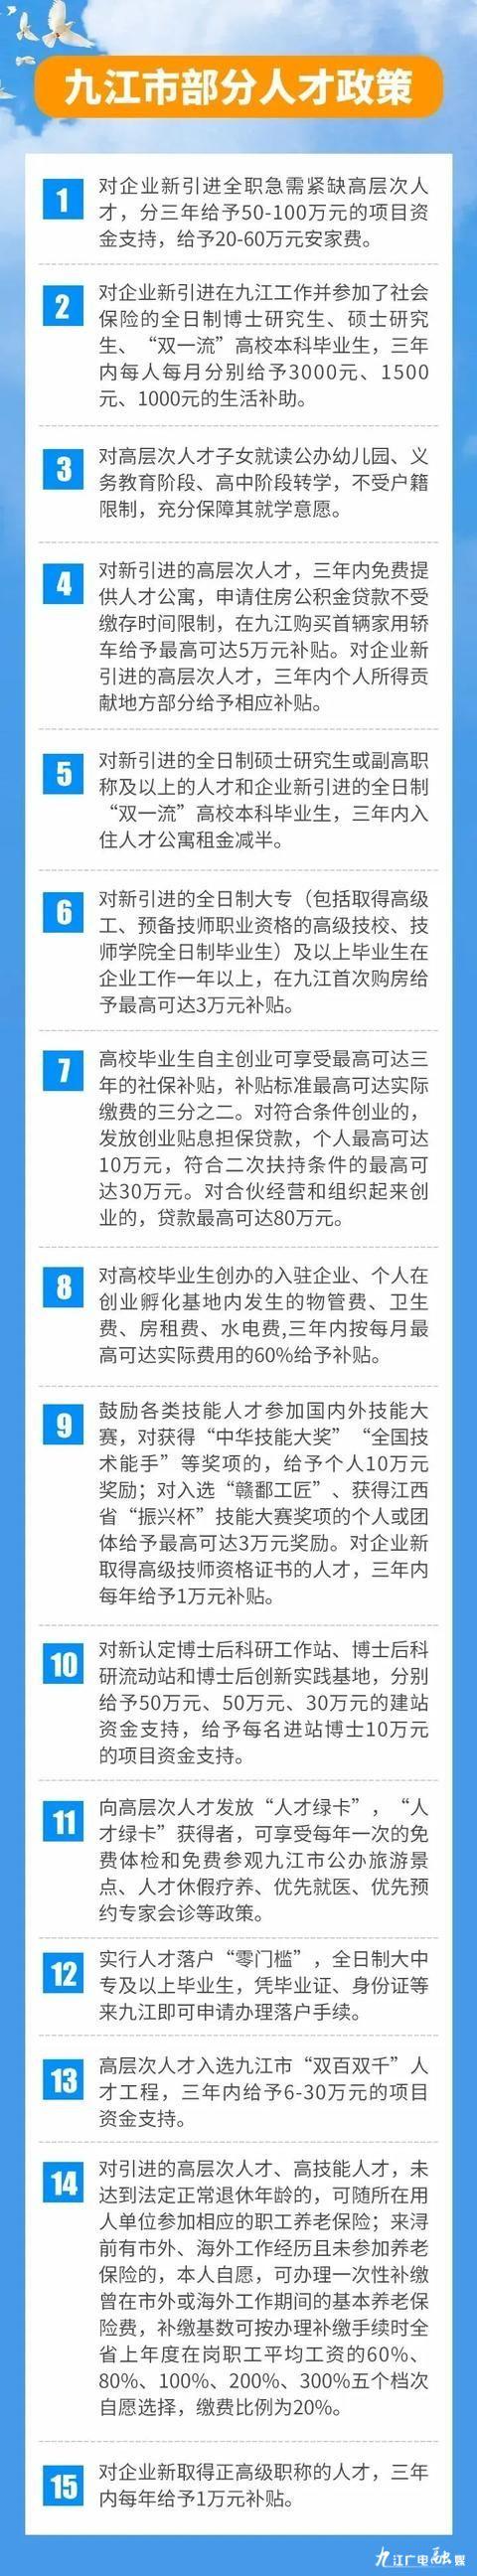 一大批崗位來襲!九江市高層次人才招聘即將開啟